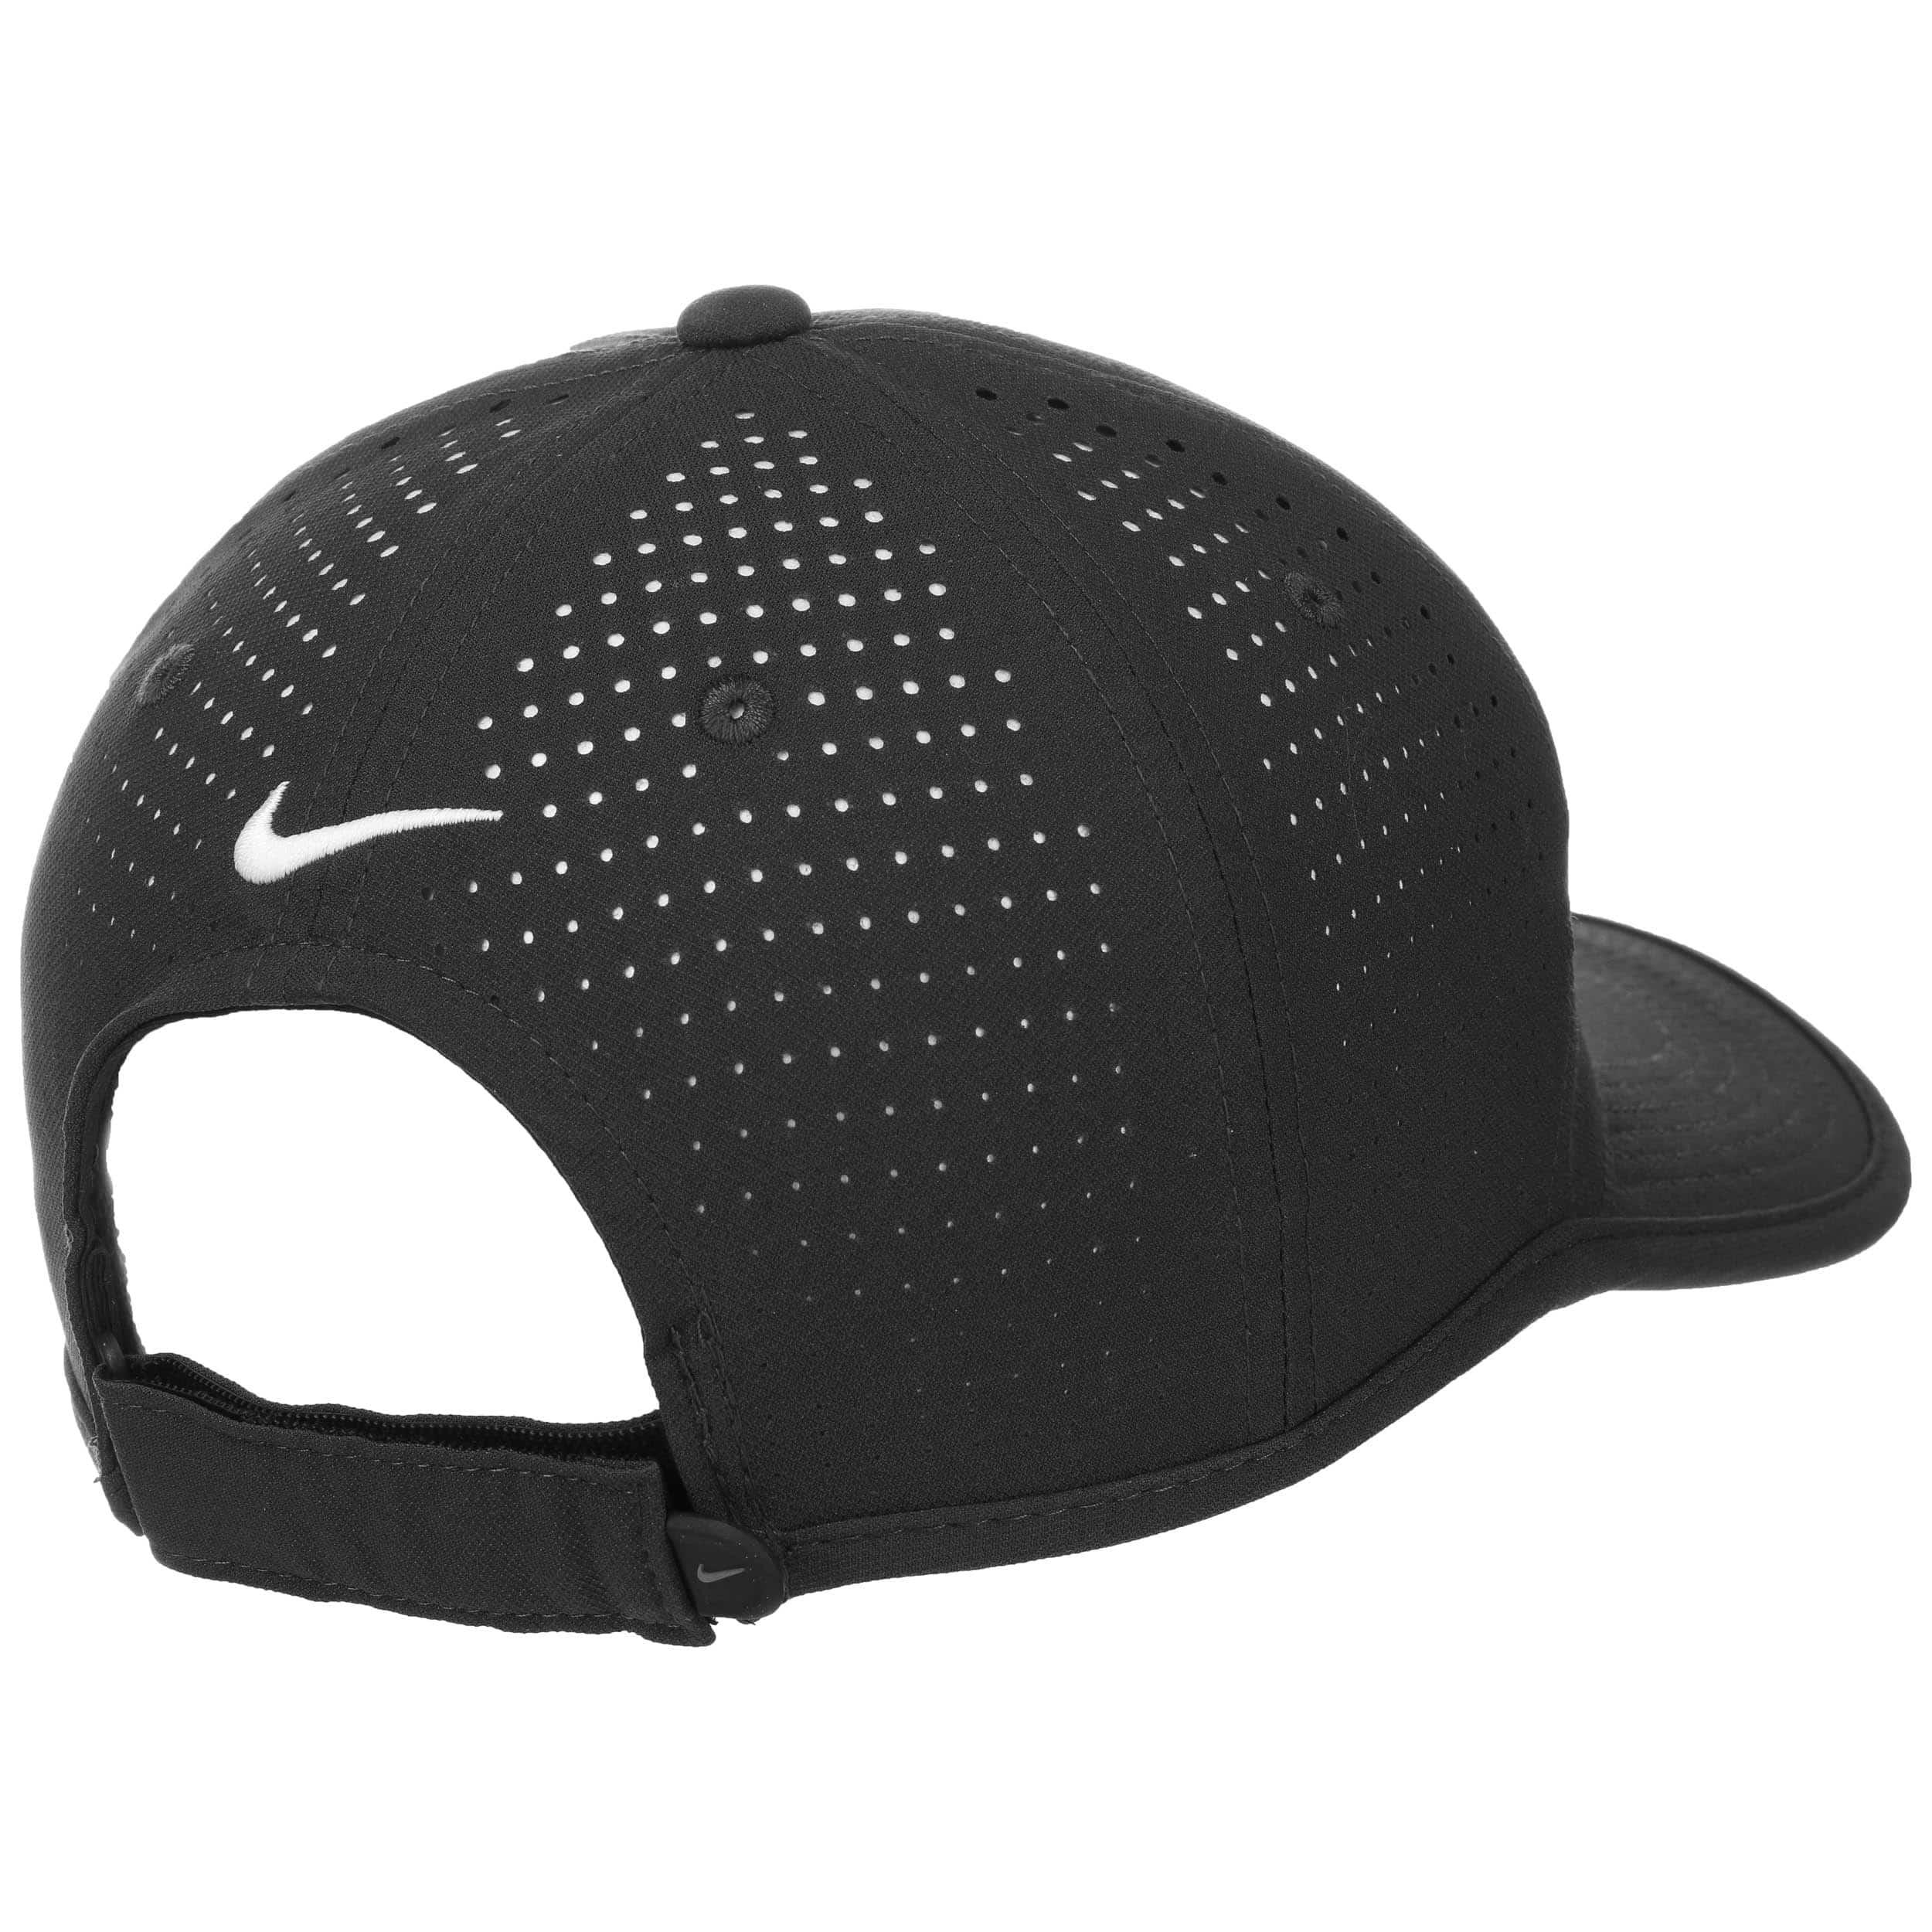 Chapeaux By Casquette 99gt; Perforation Ultralight 34 NikeEur rCsQdBtxh